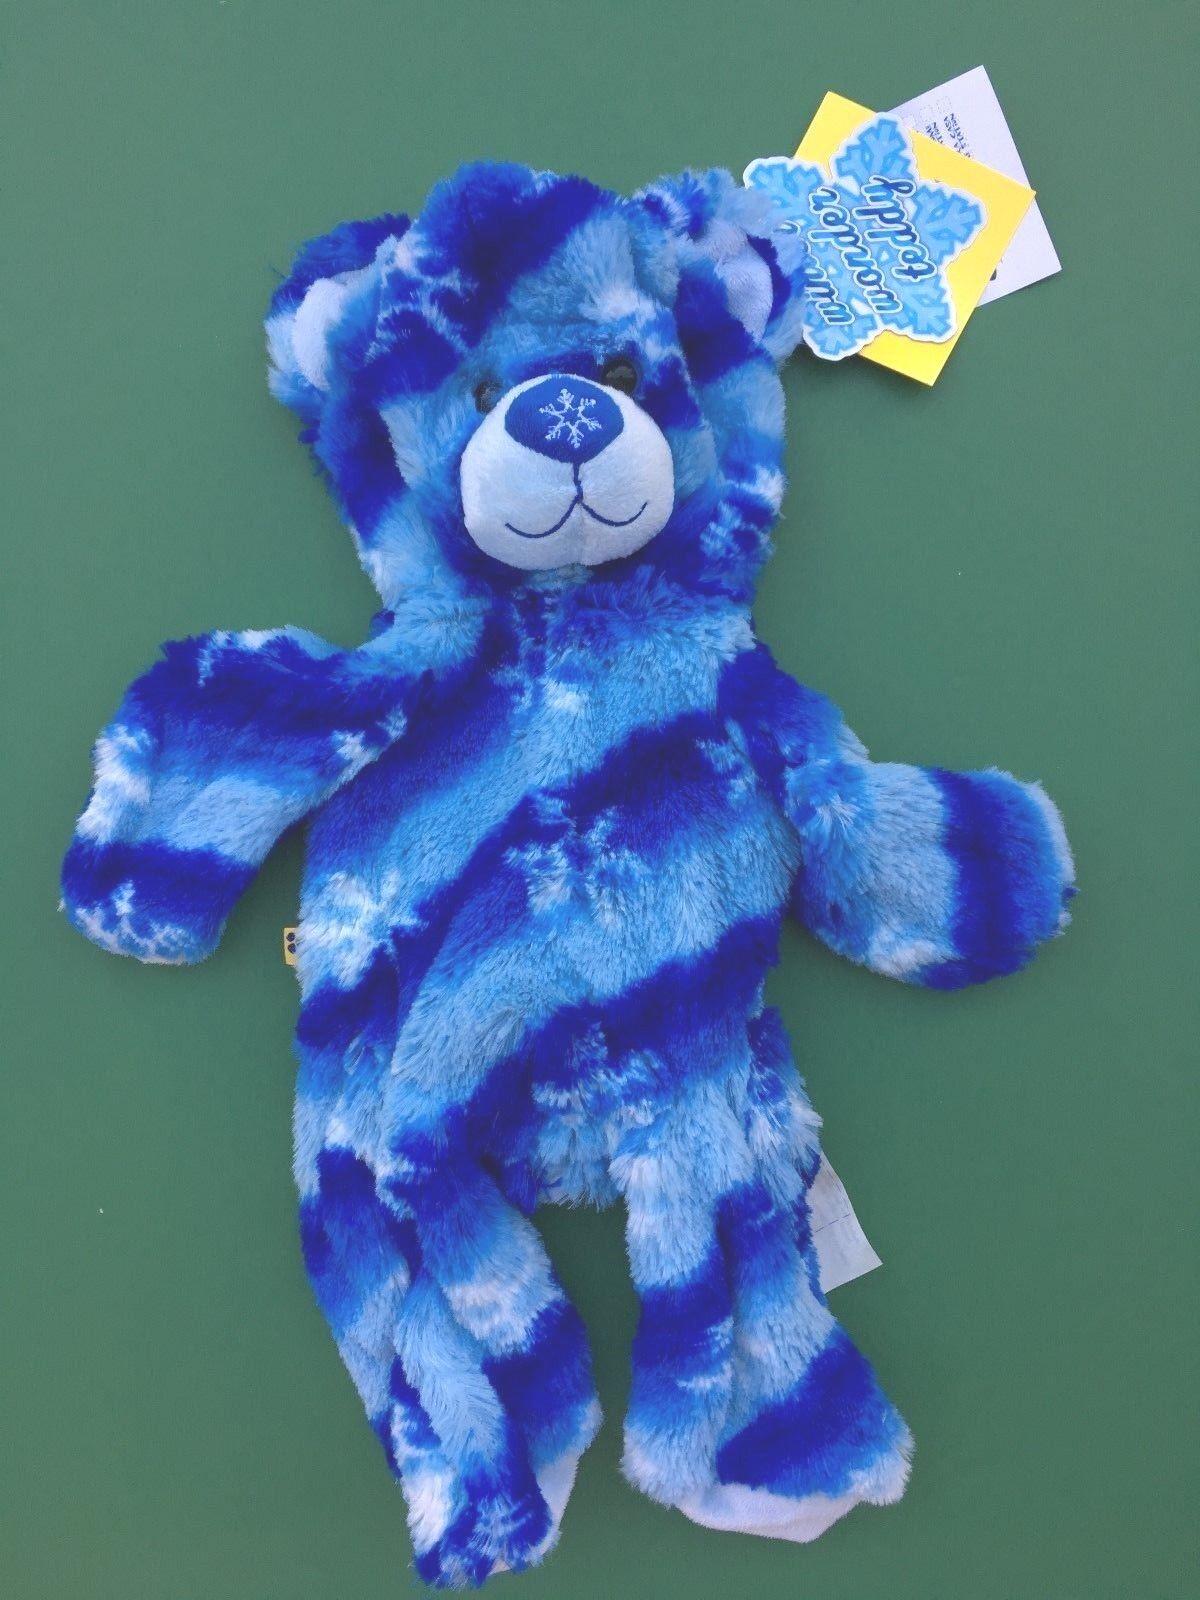 Build a Bear Blau Winter Wonder Teddy Bear Plush Toy - Unstuffed -  NEW